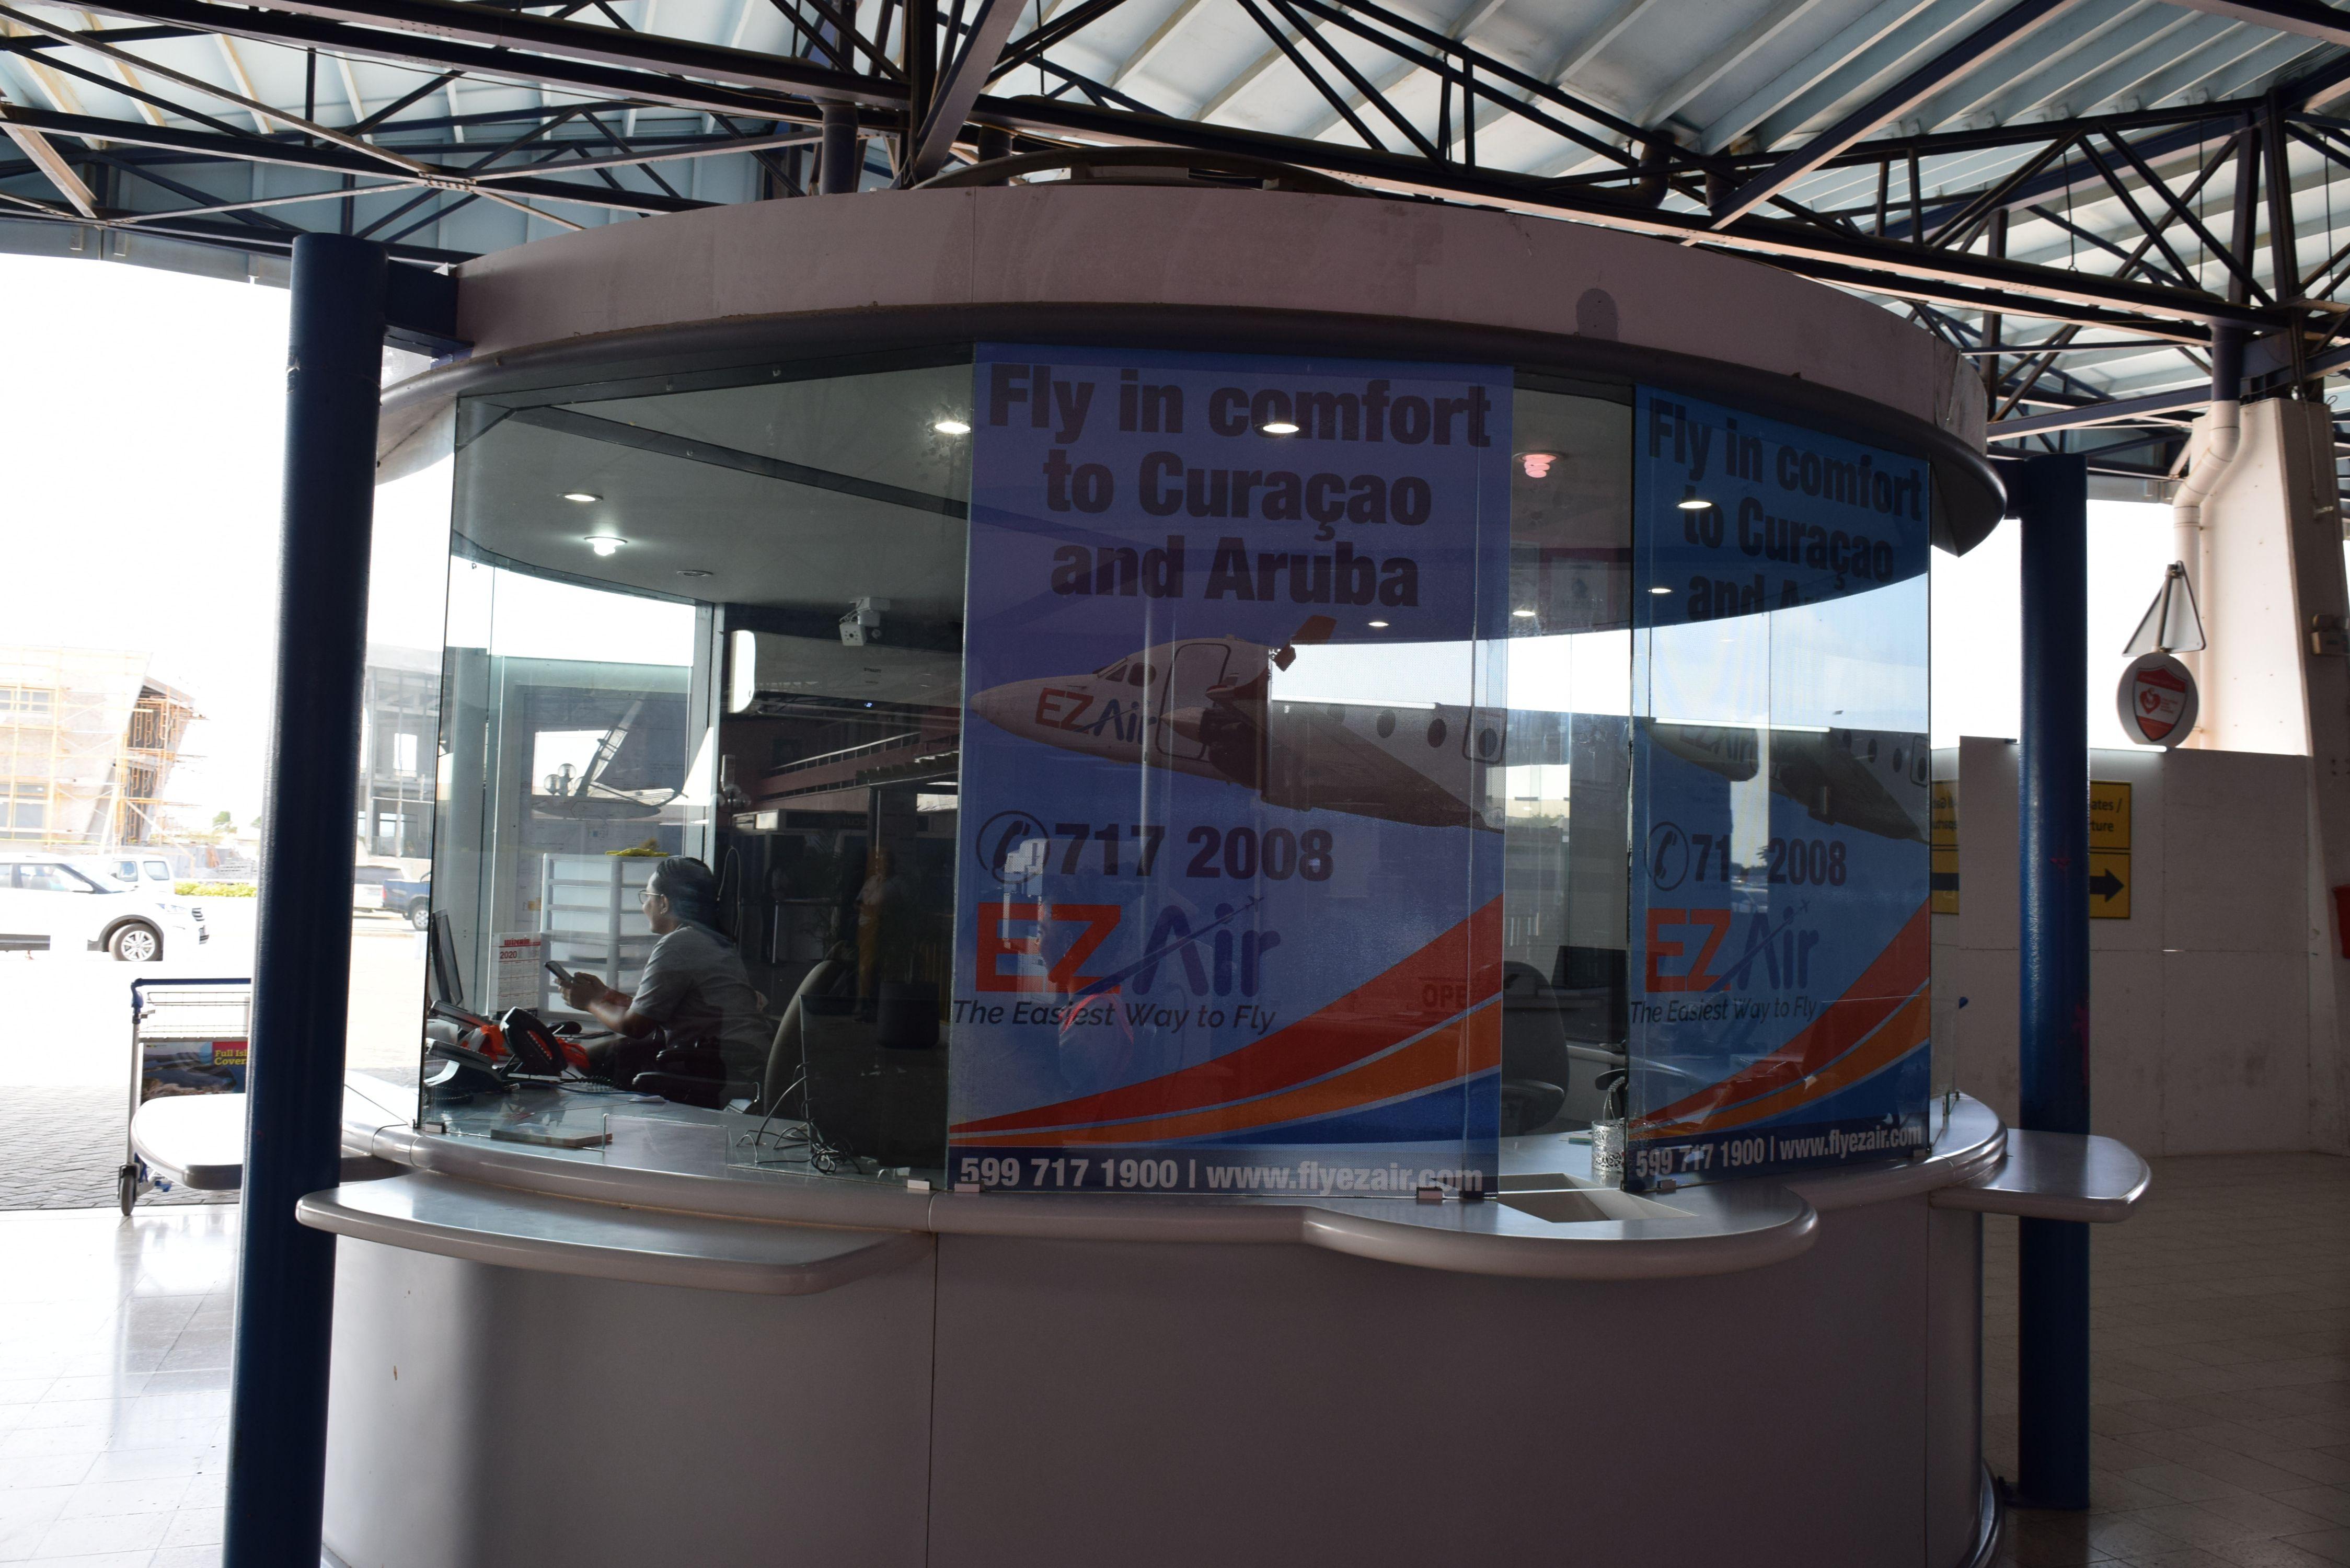 EZ Air start ticketverkoop Flamingo Airport